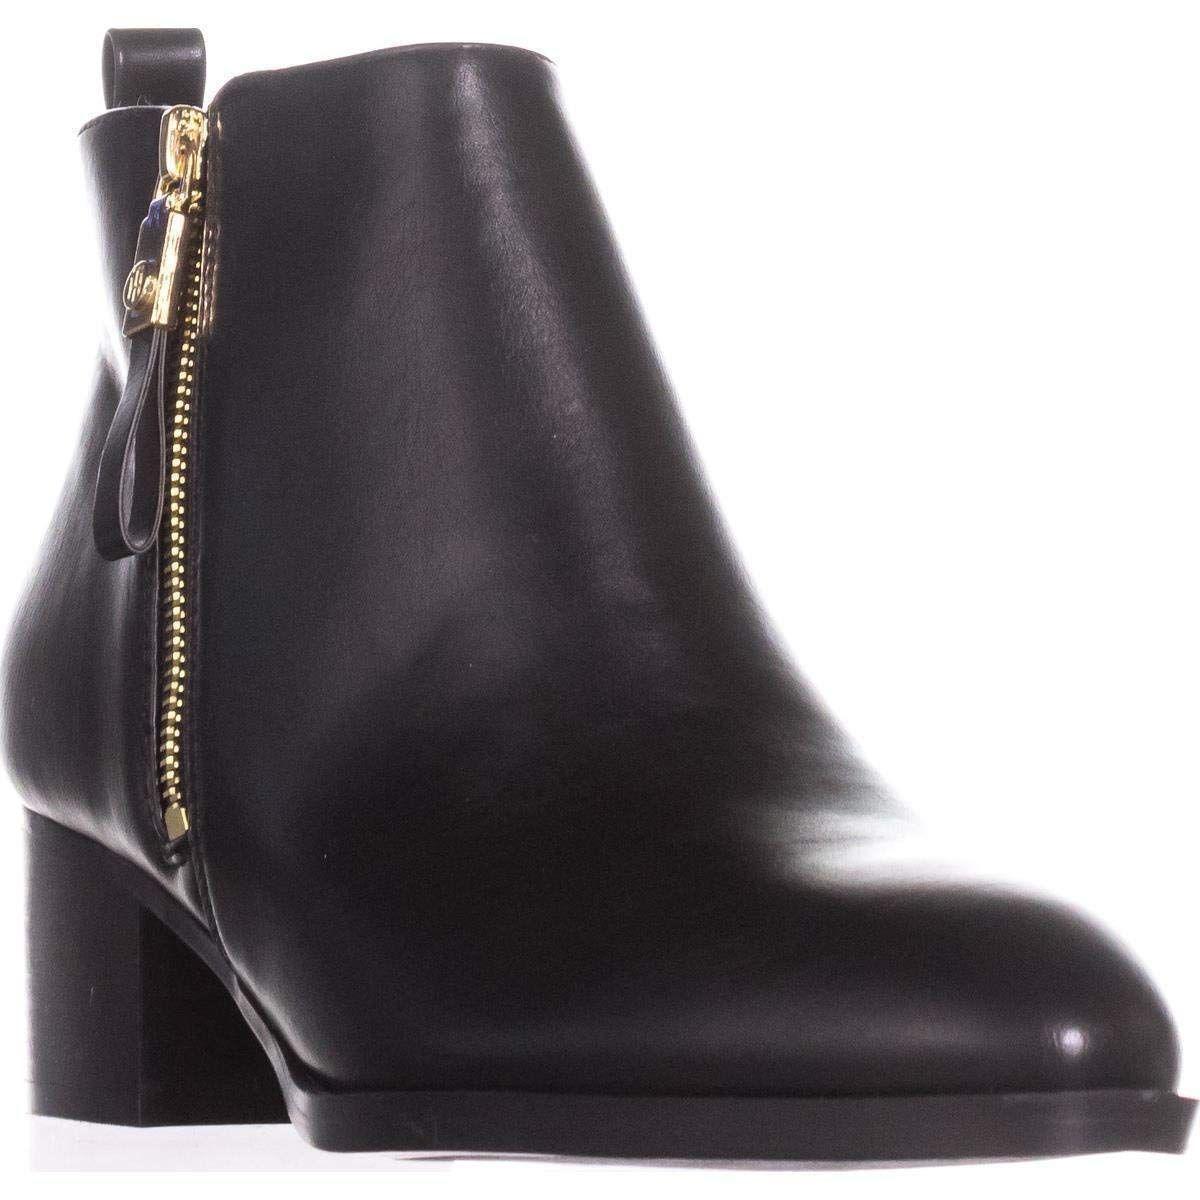 fa617f5464eff Lyst - Tommy Hilfiger Womens Twreiz2 Almond Toe Ankle Fashion Boots ...